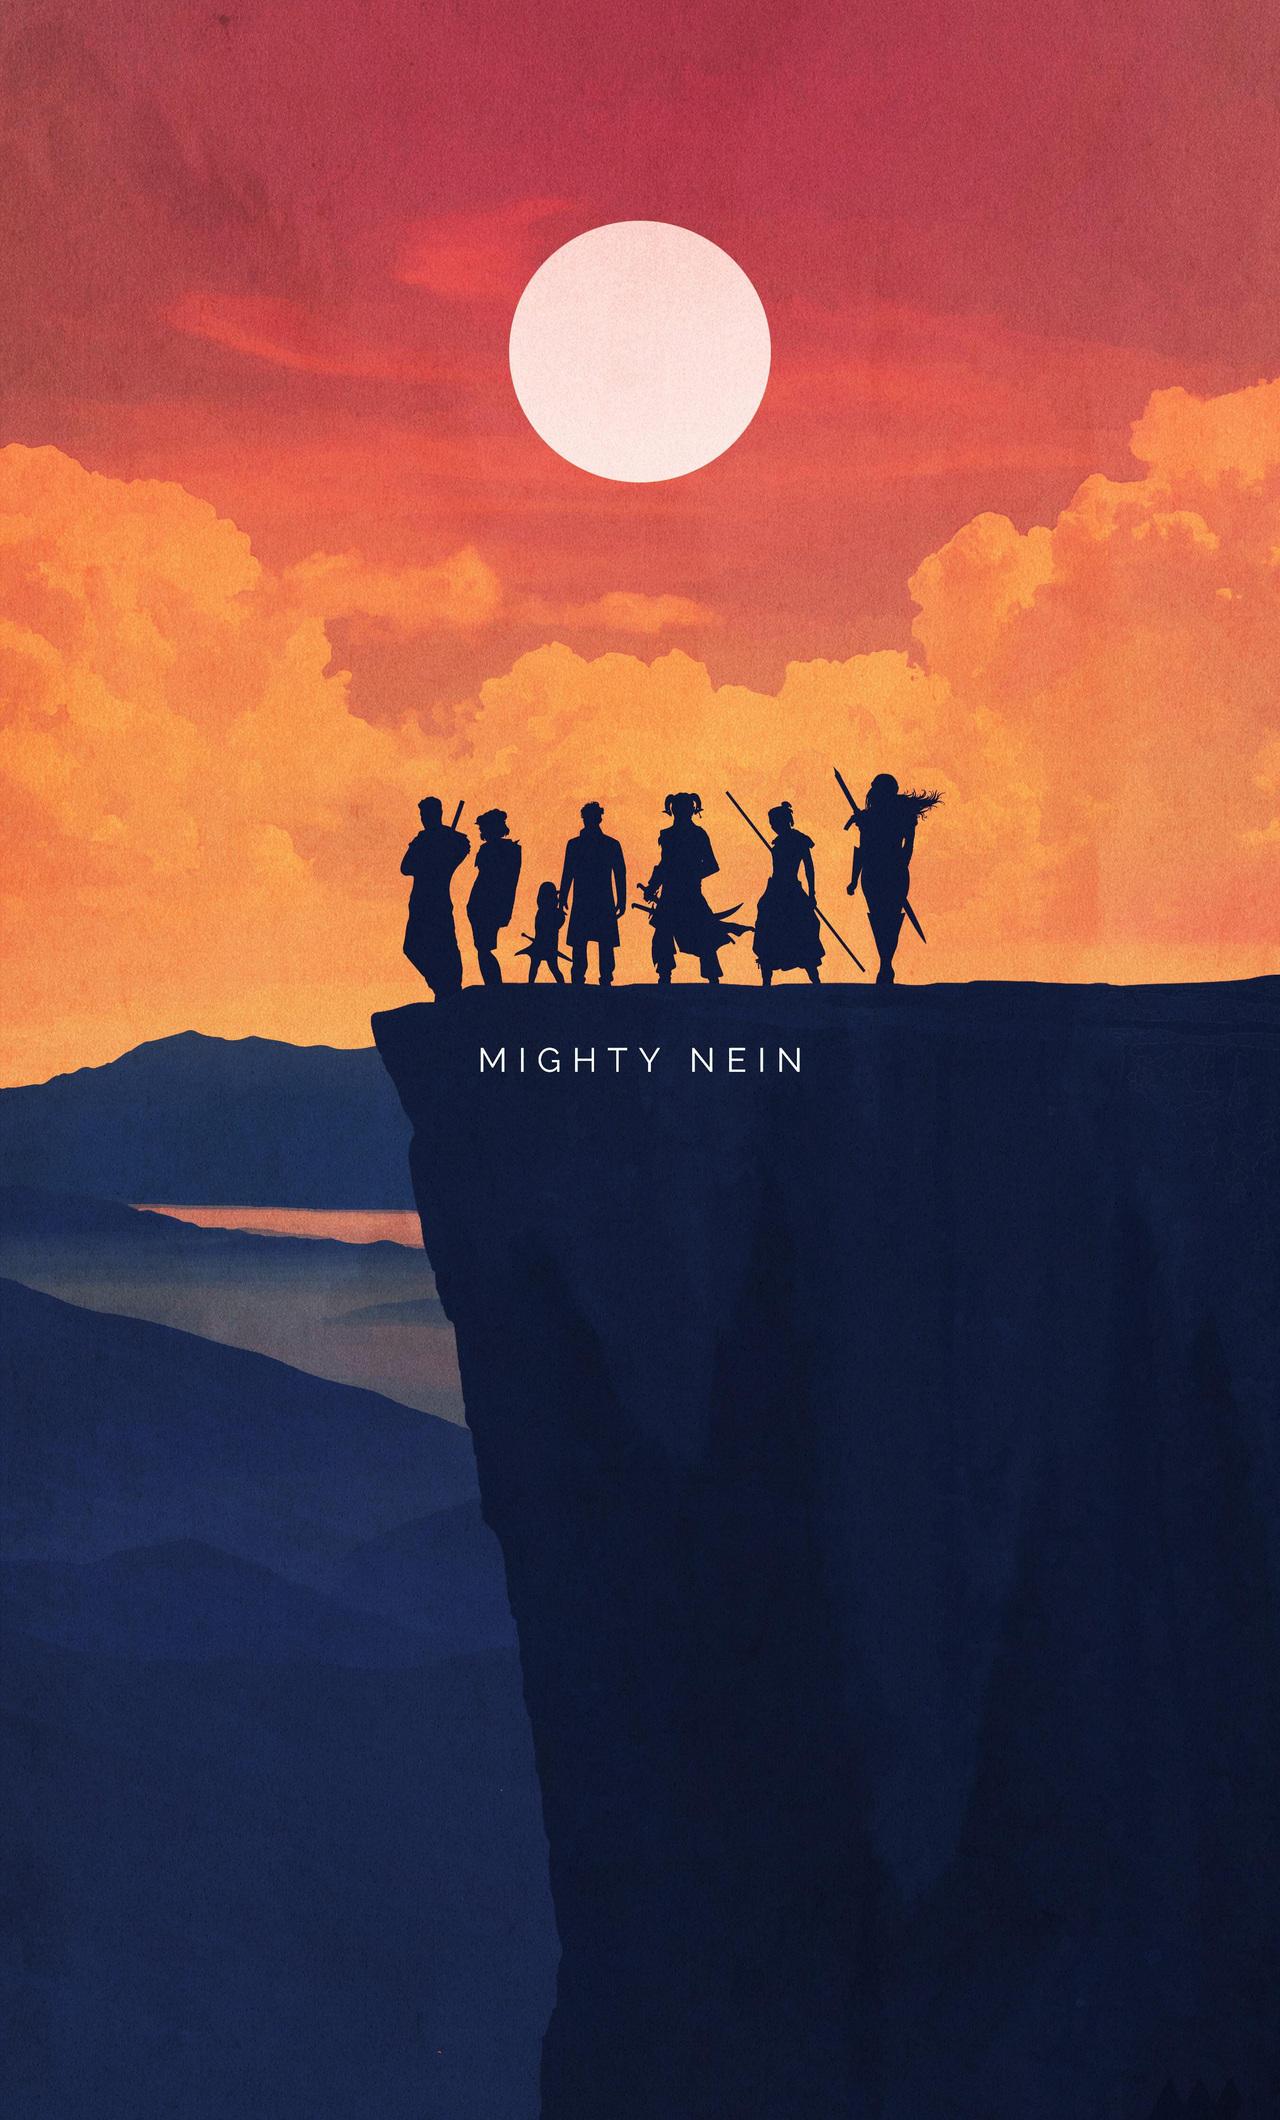 Warriors Mighty Nein Minimalist Art (iPhone 6+)